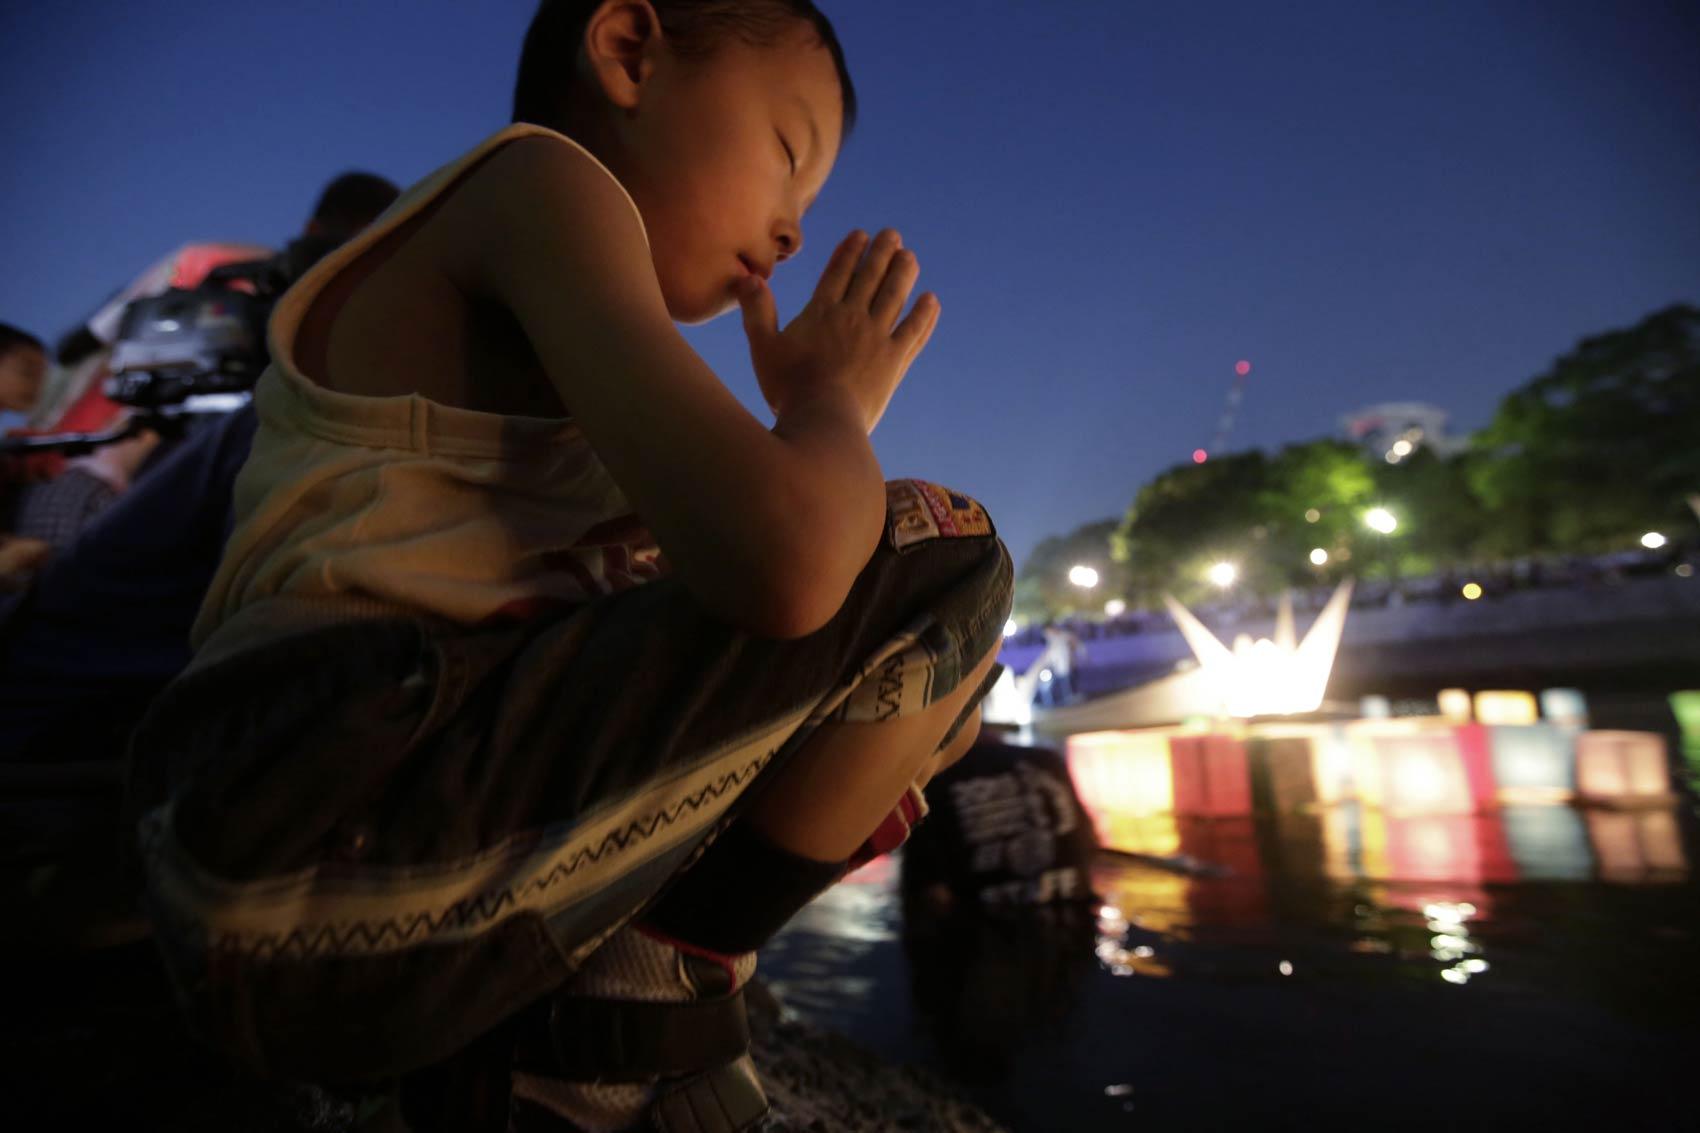 Menino faz oração após colocar uma lanterna japonesa de papel no rio Motoyasu, diante do Domo da Bomba Atômica em Hiroshima, durante memorial dos 70 anos da explosão da bomba que deixou 140 mil mortos na cidade ao fim da II Guerra Mundial